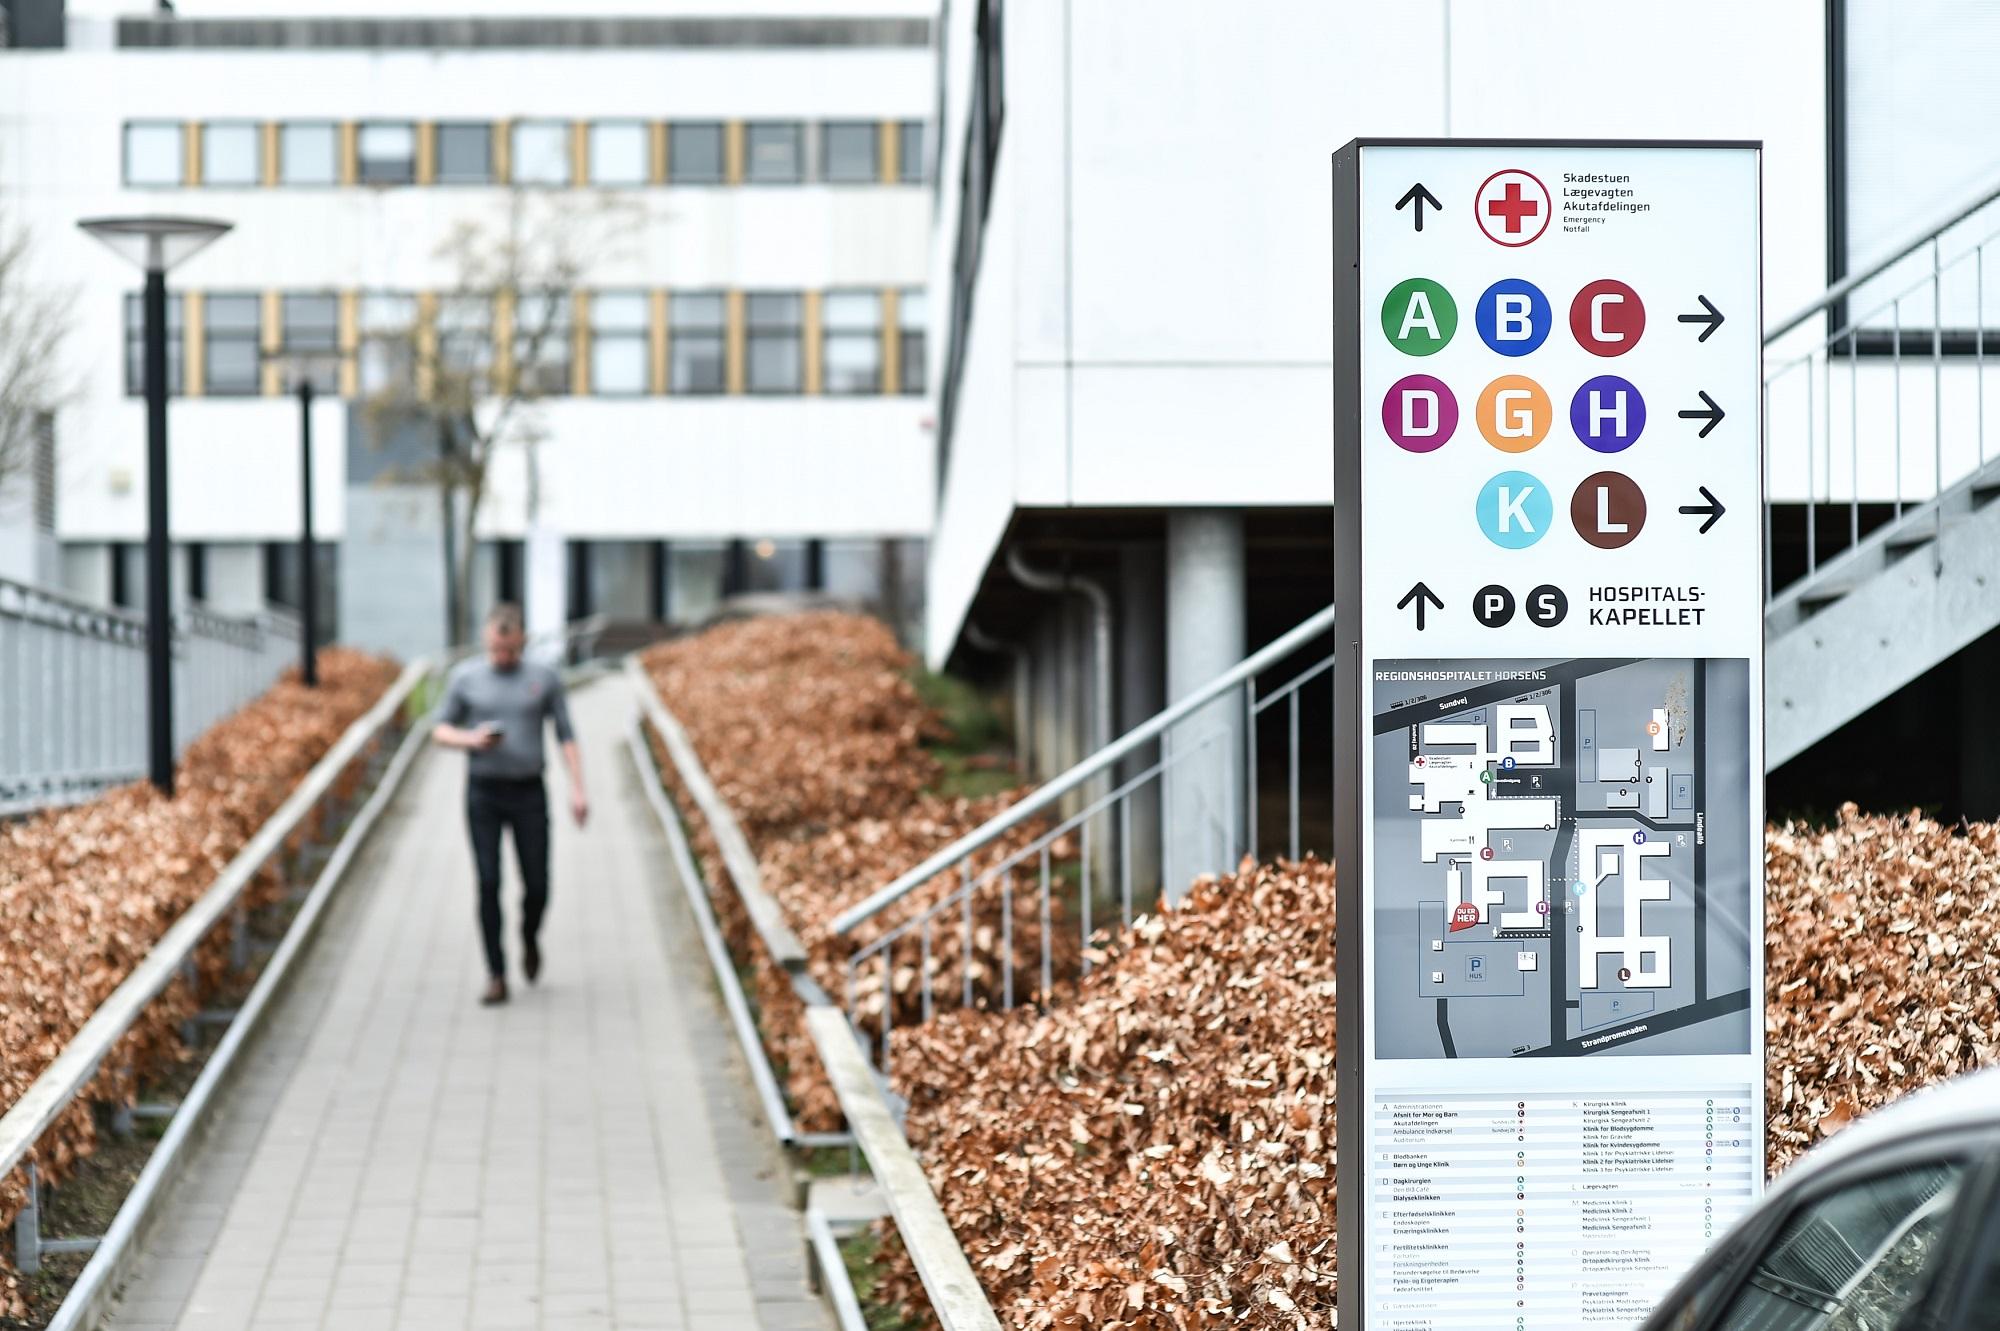 En sti ved indgangen til et hospital. Til højre er der et oversigtskilt.